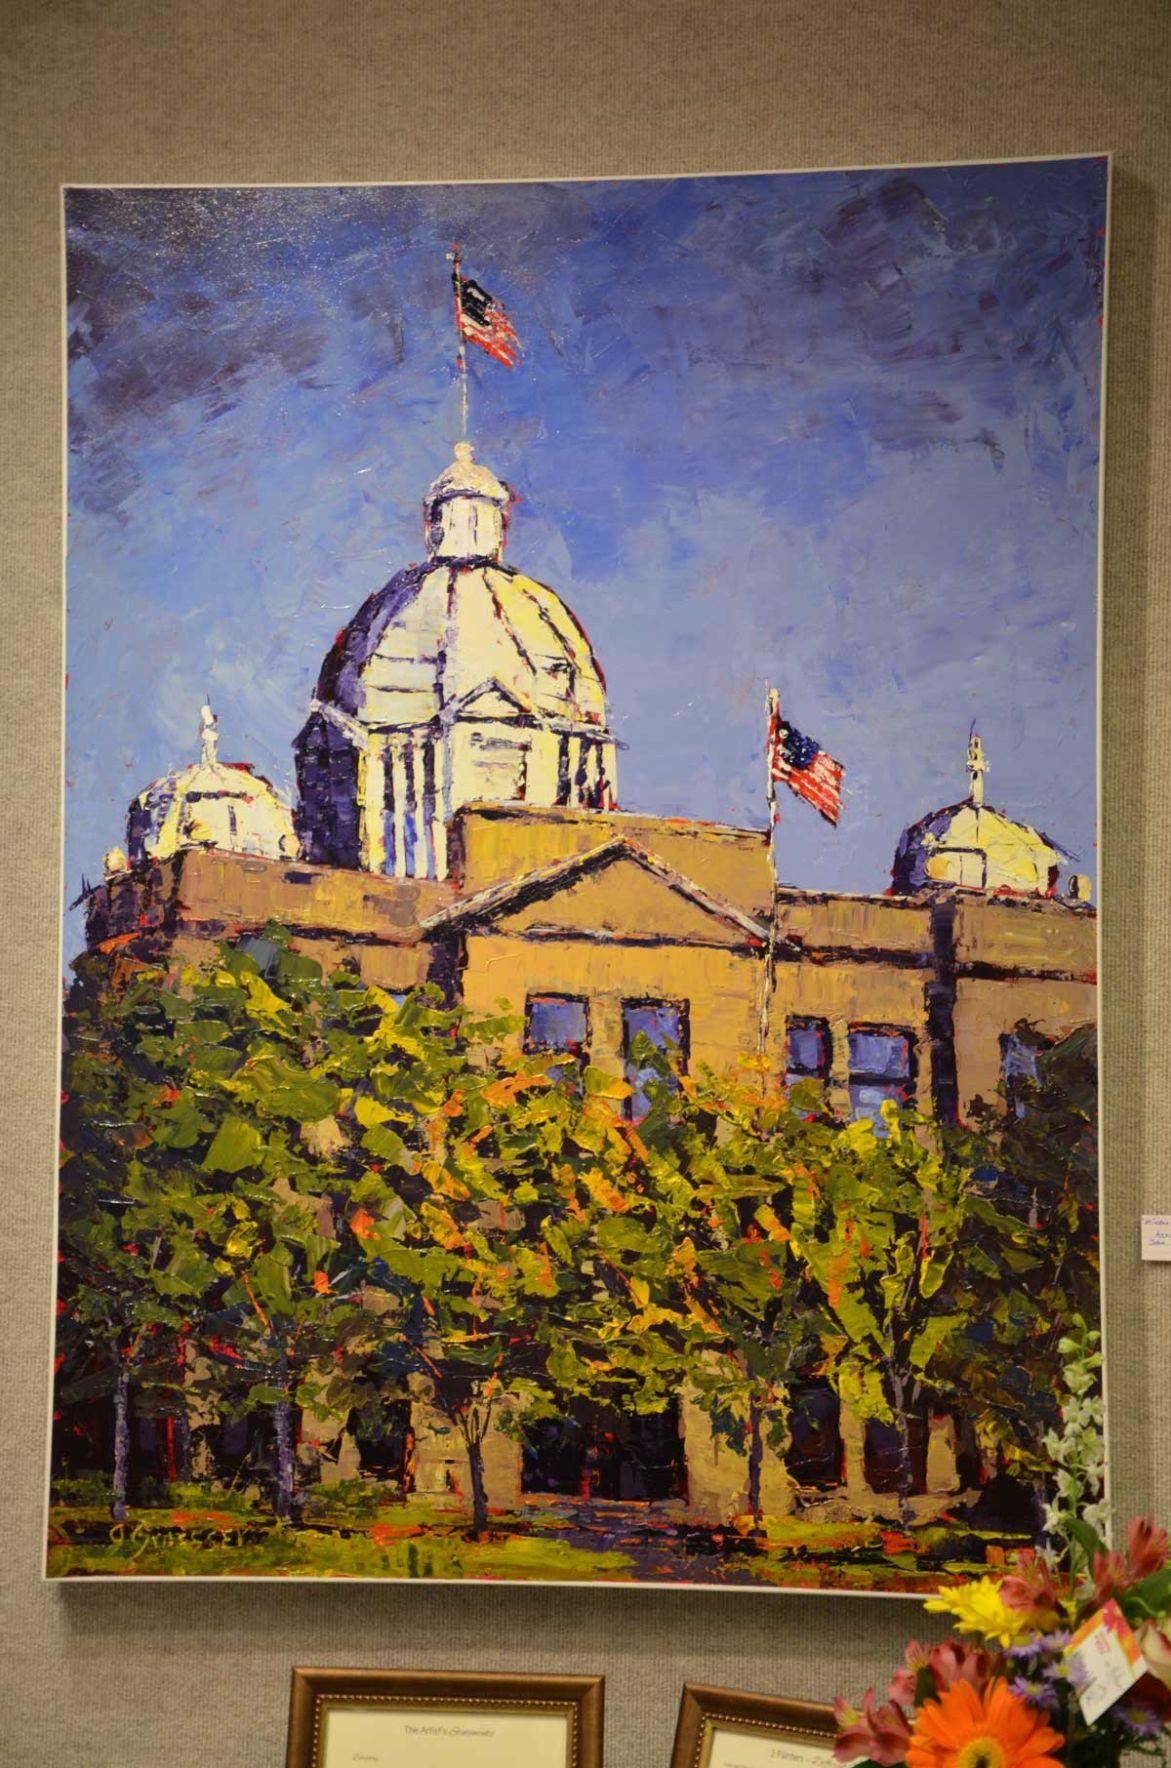 Minden Court House #1